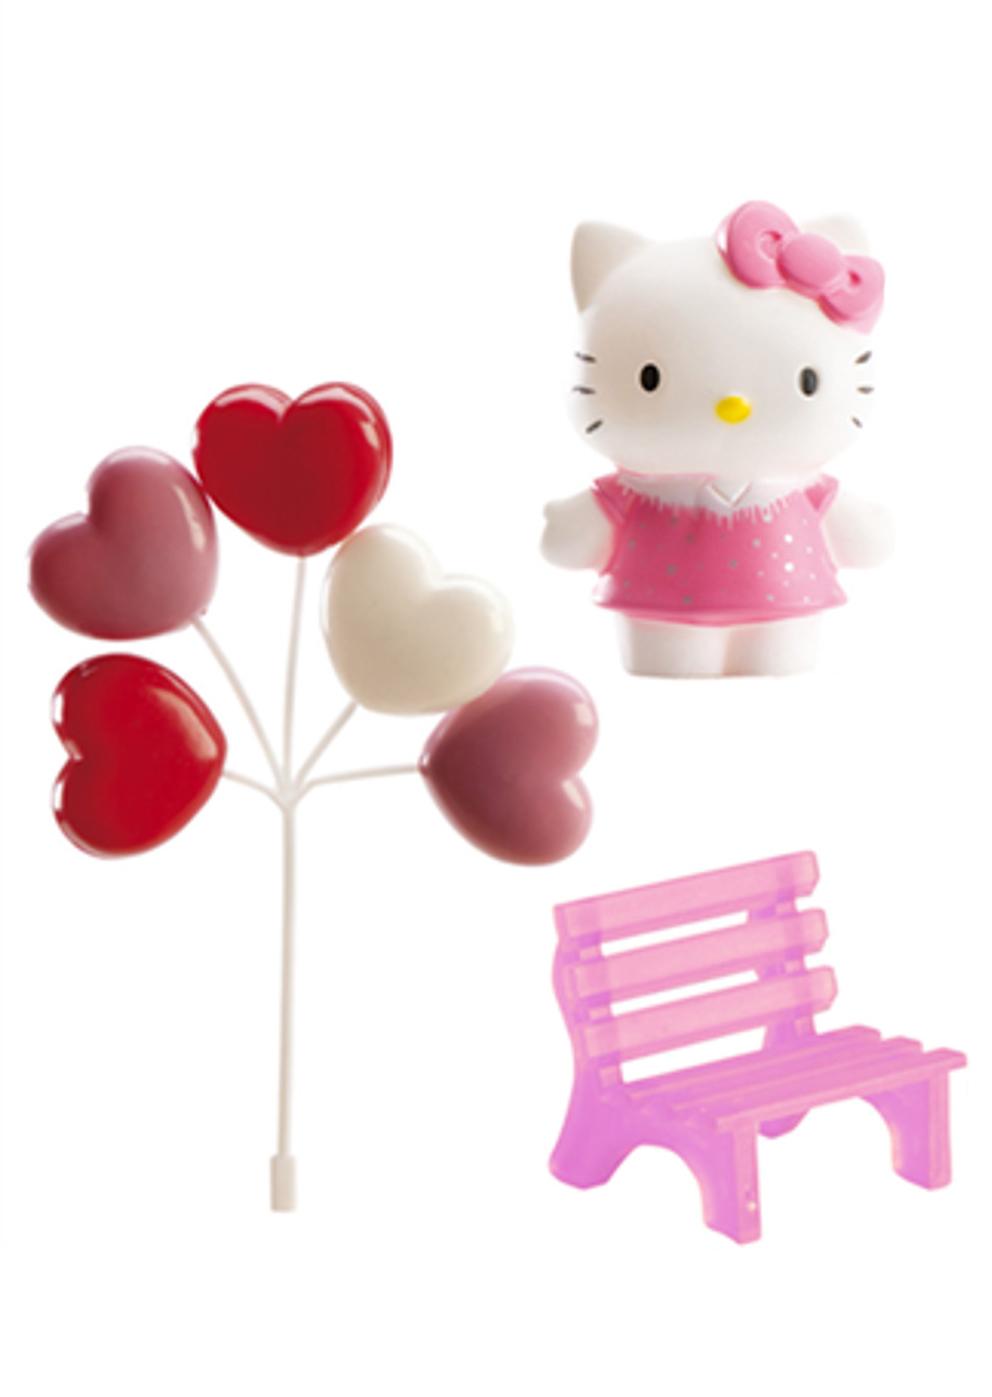 Kit decorazioni per torta Hello Kitty™ su VegaooParty, negozio di